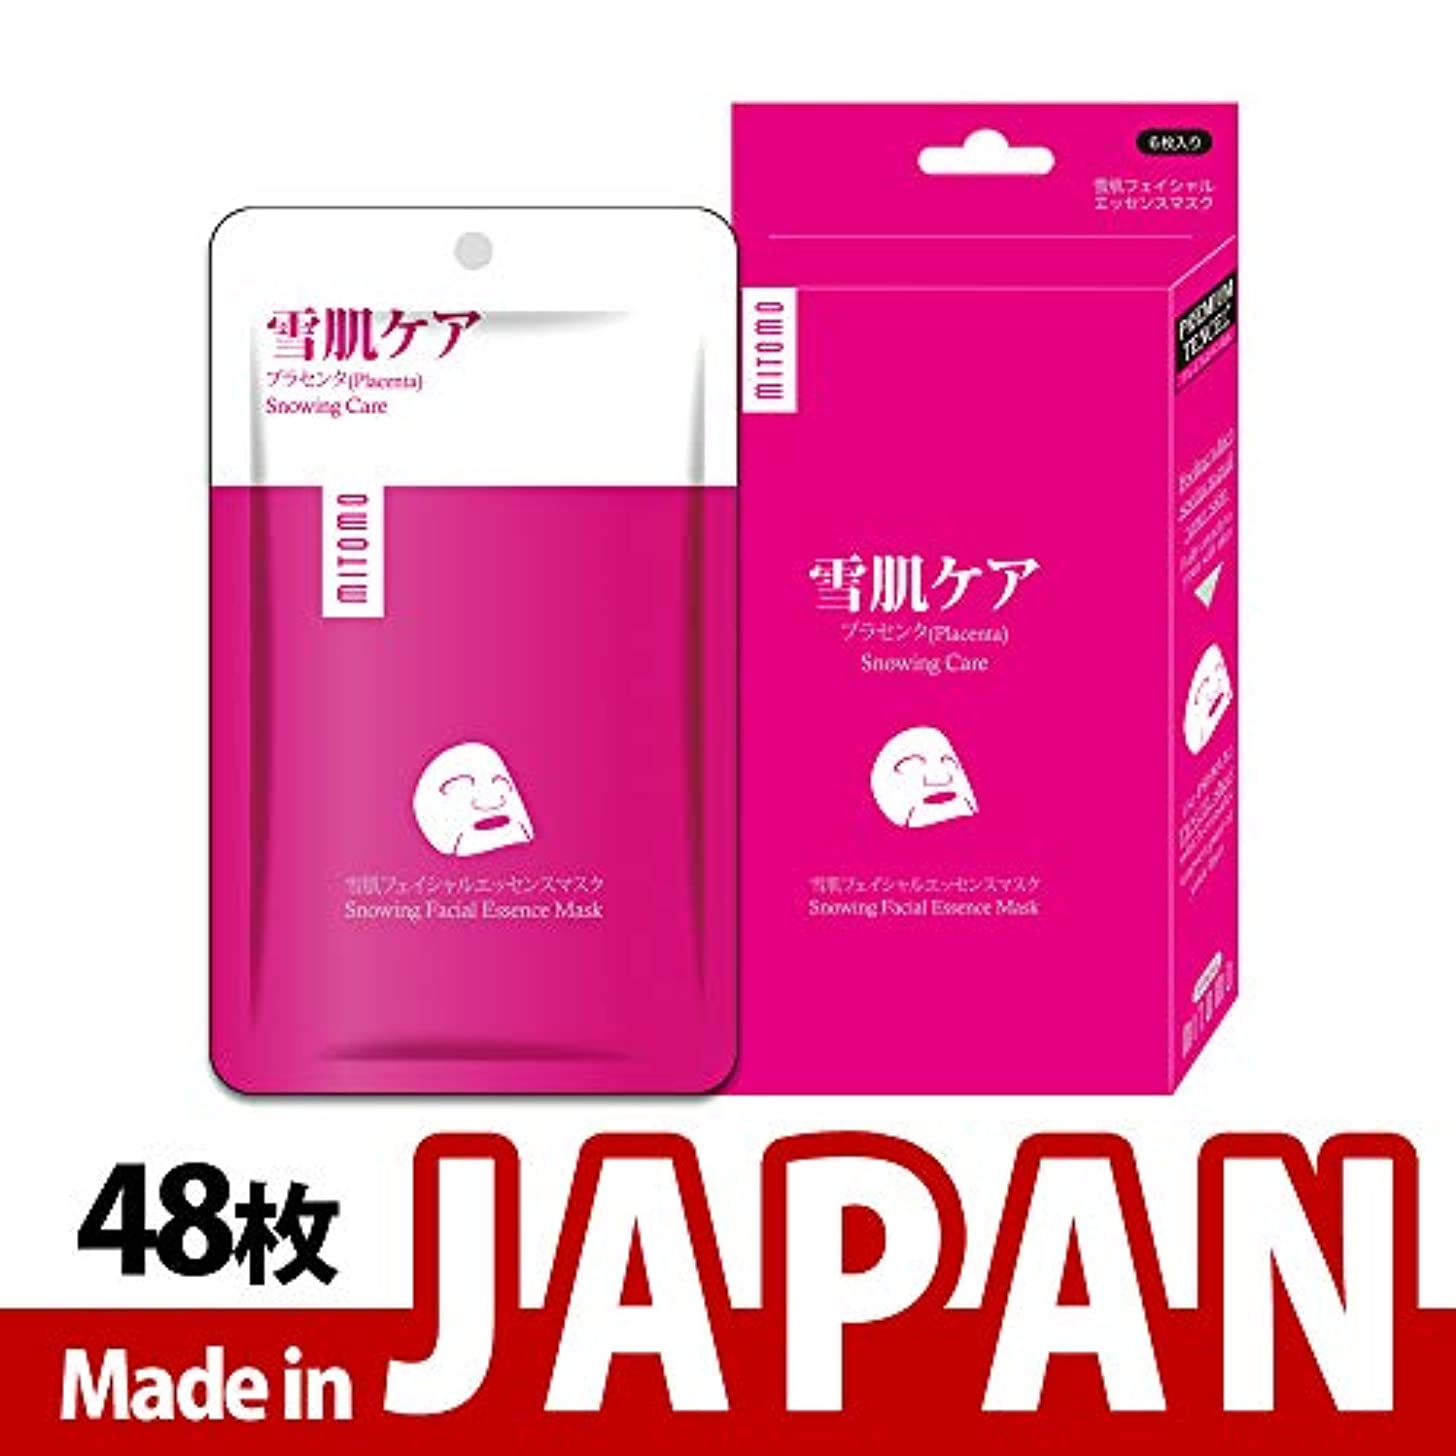 岩消費シエスタ【HS002-A-4】MITOMO日本製シートマスク/6枚入り/48枚/美容液/マスクパック/送料無料